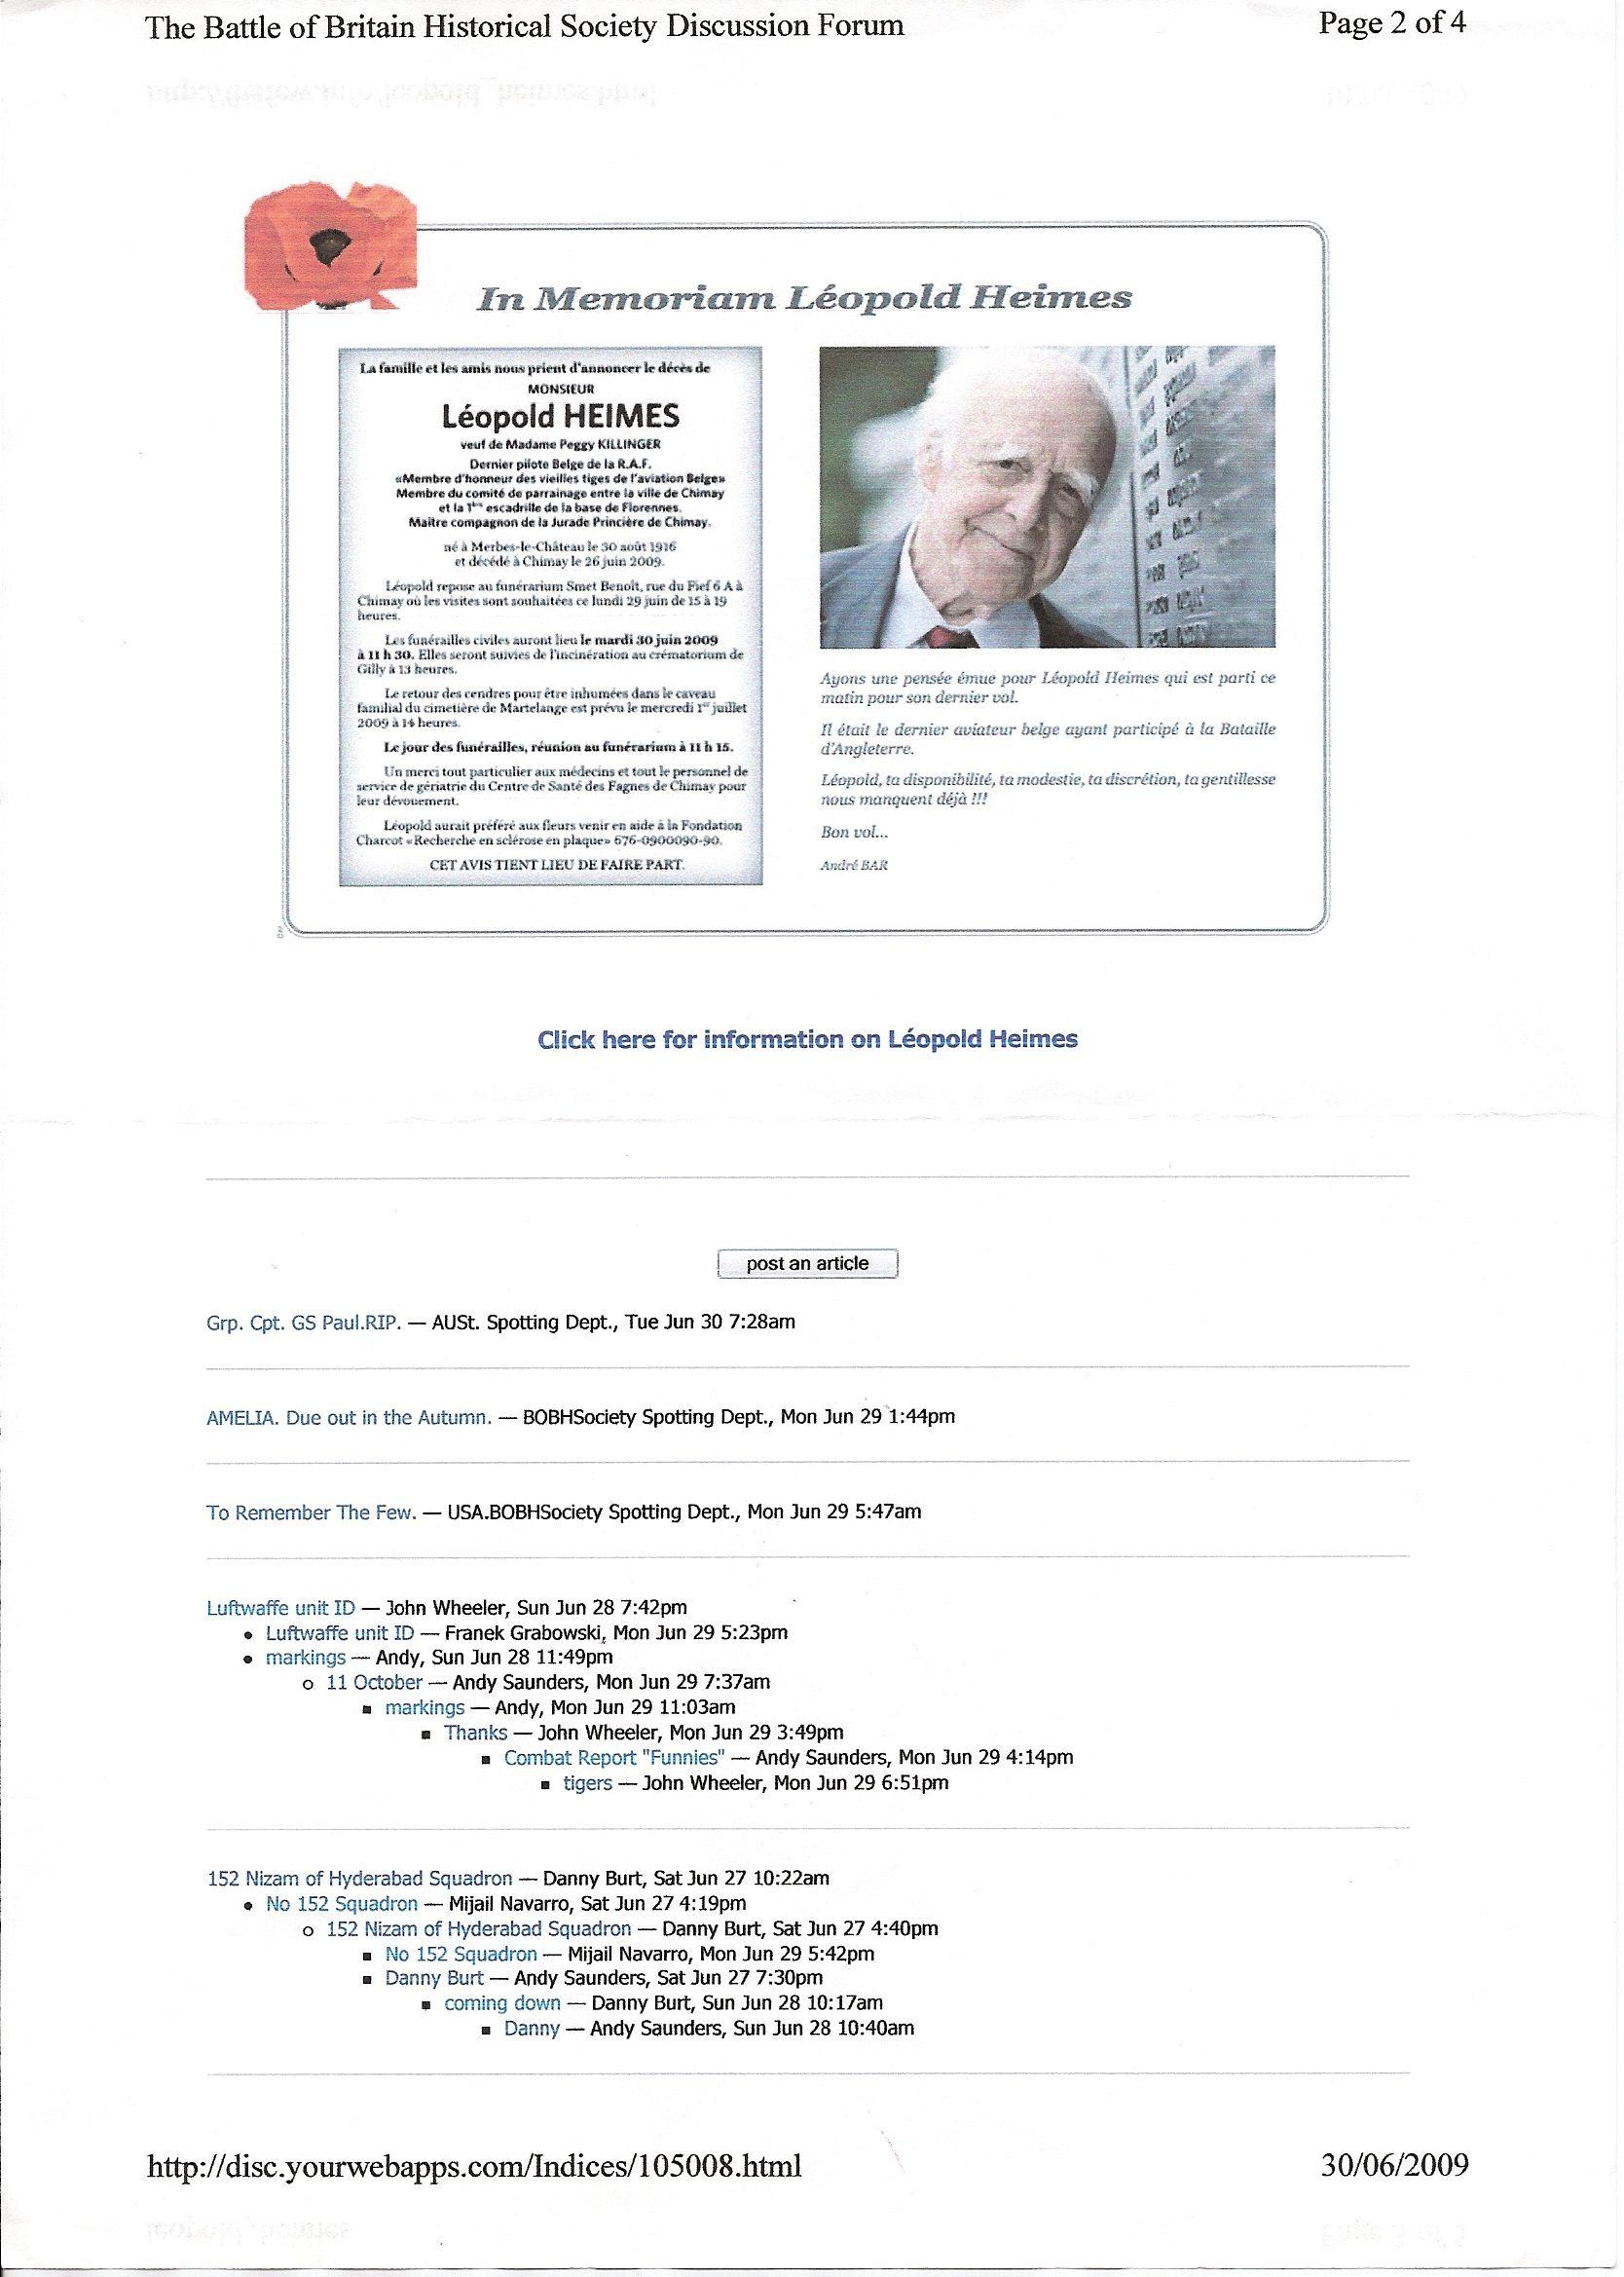 Leopold Heimes funeral notice